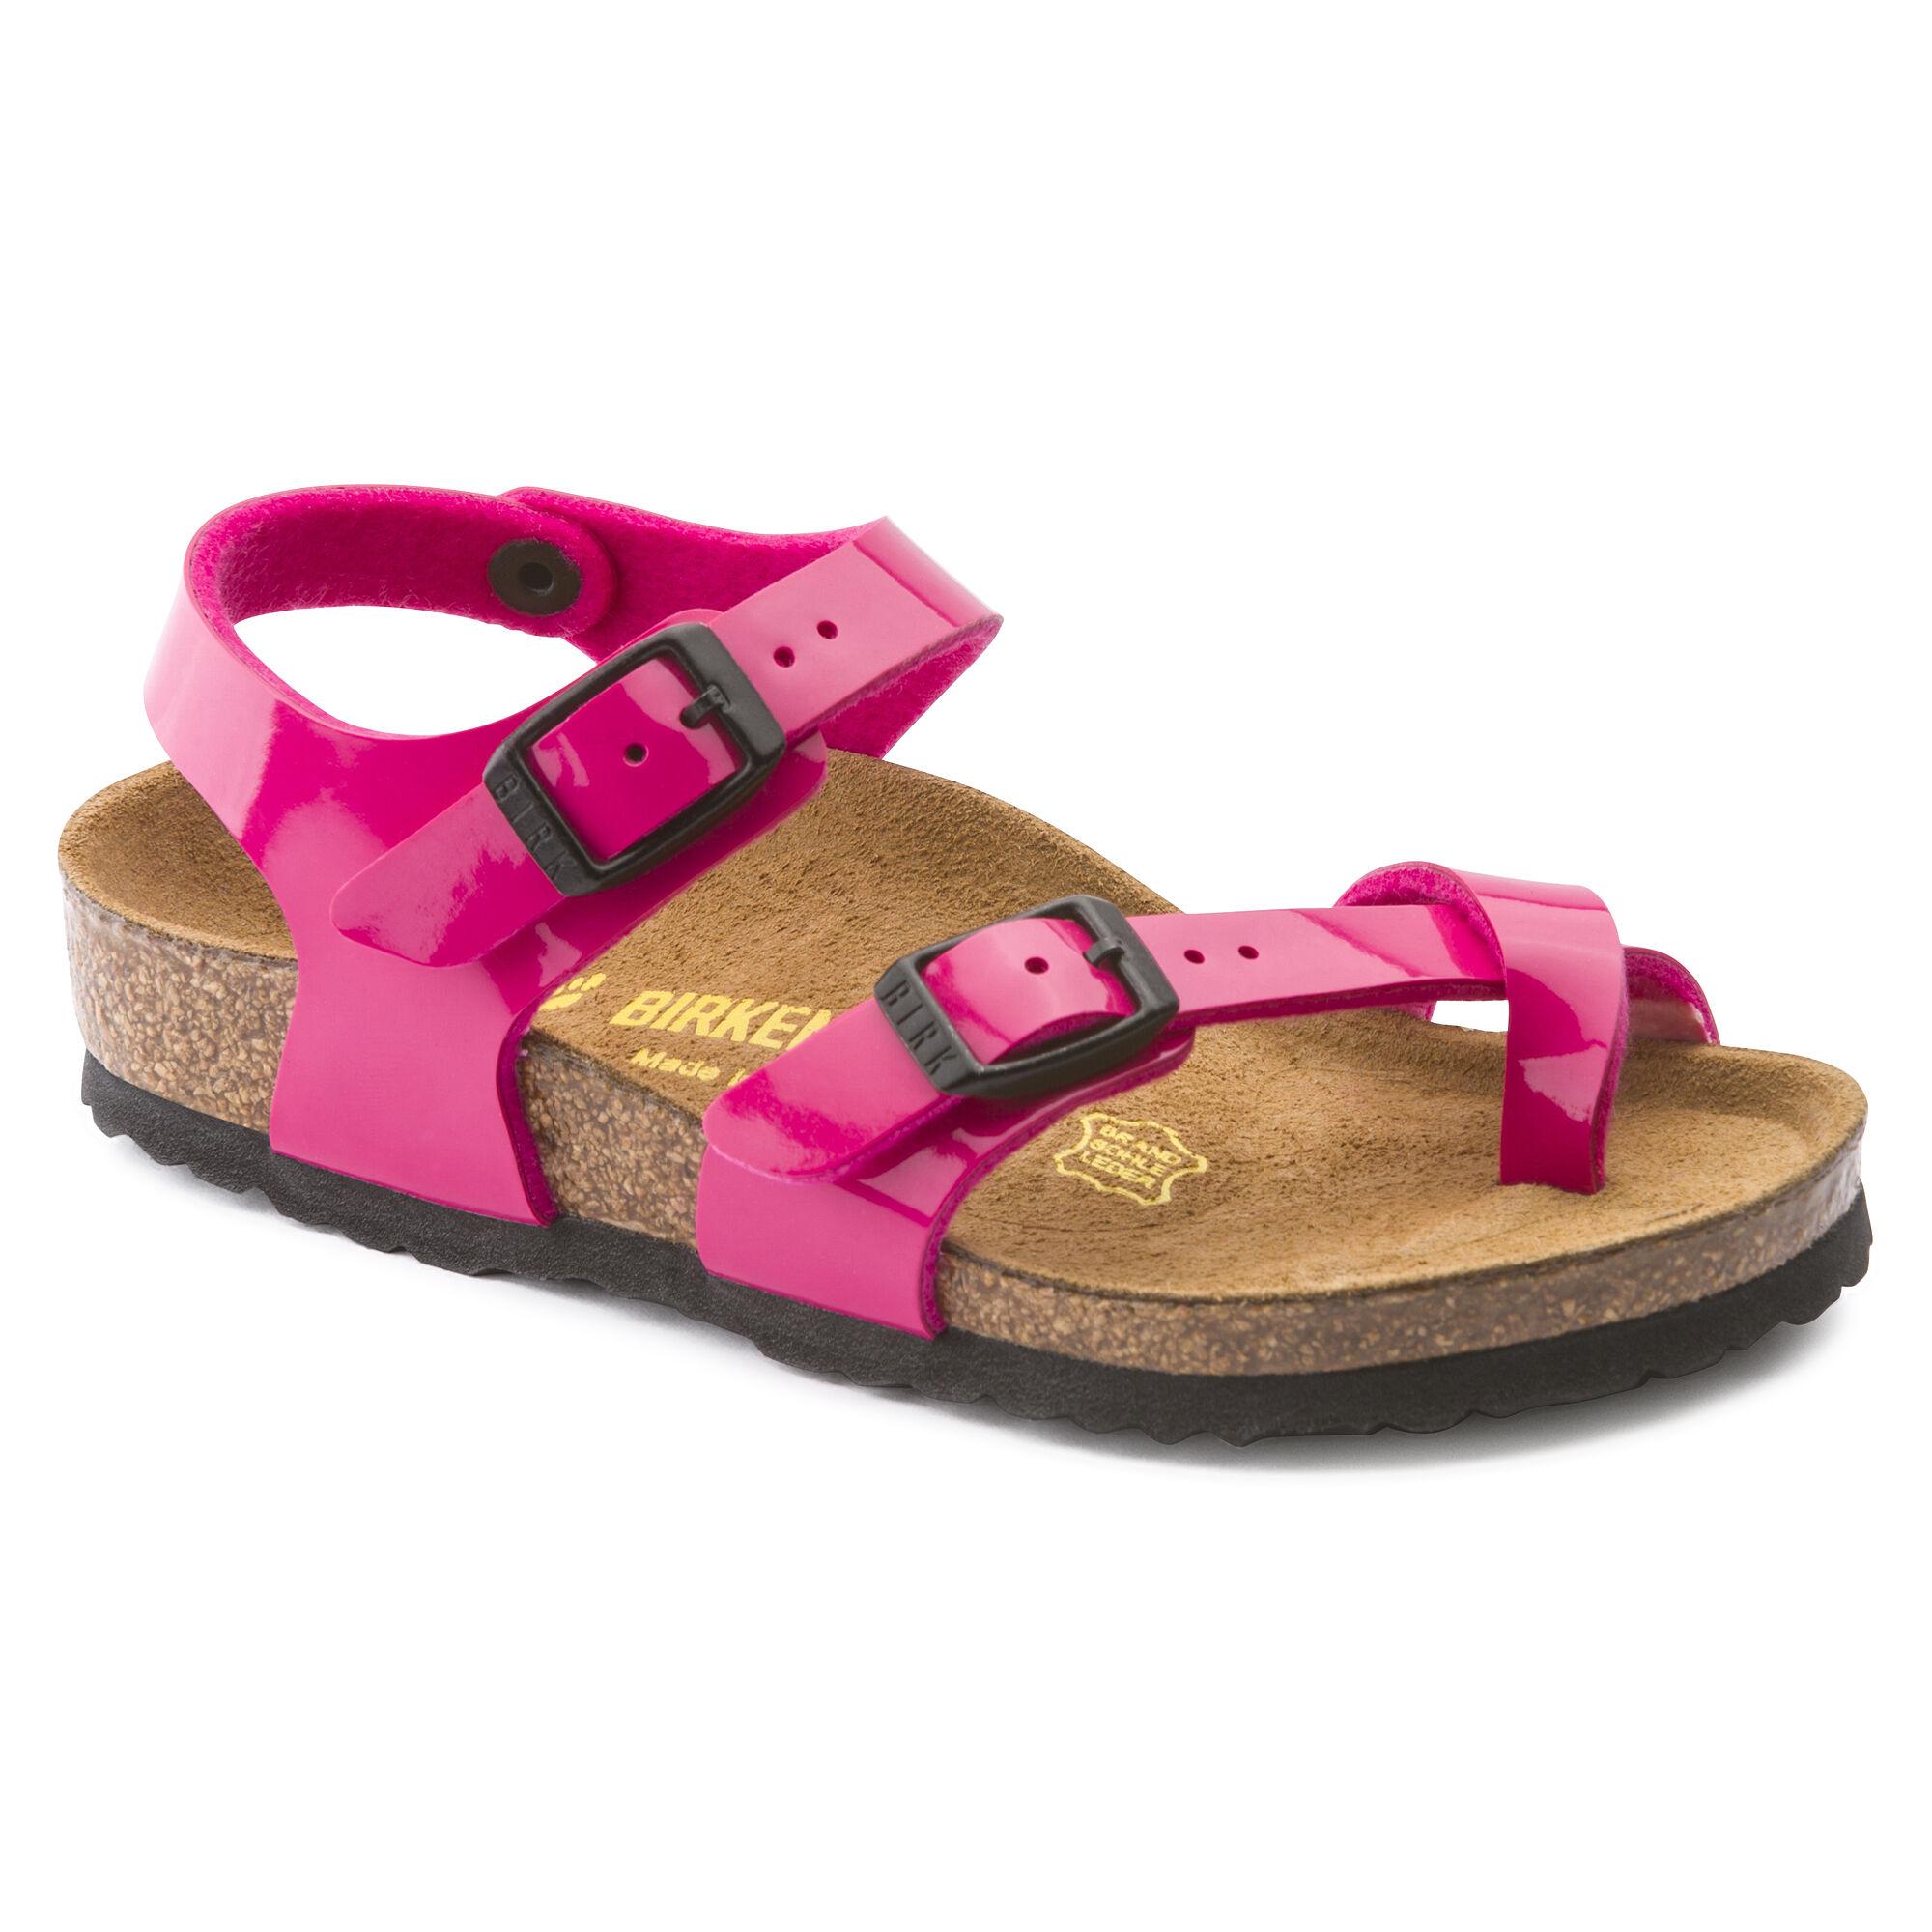 Taormina Birko Flor Pink Patent